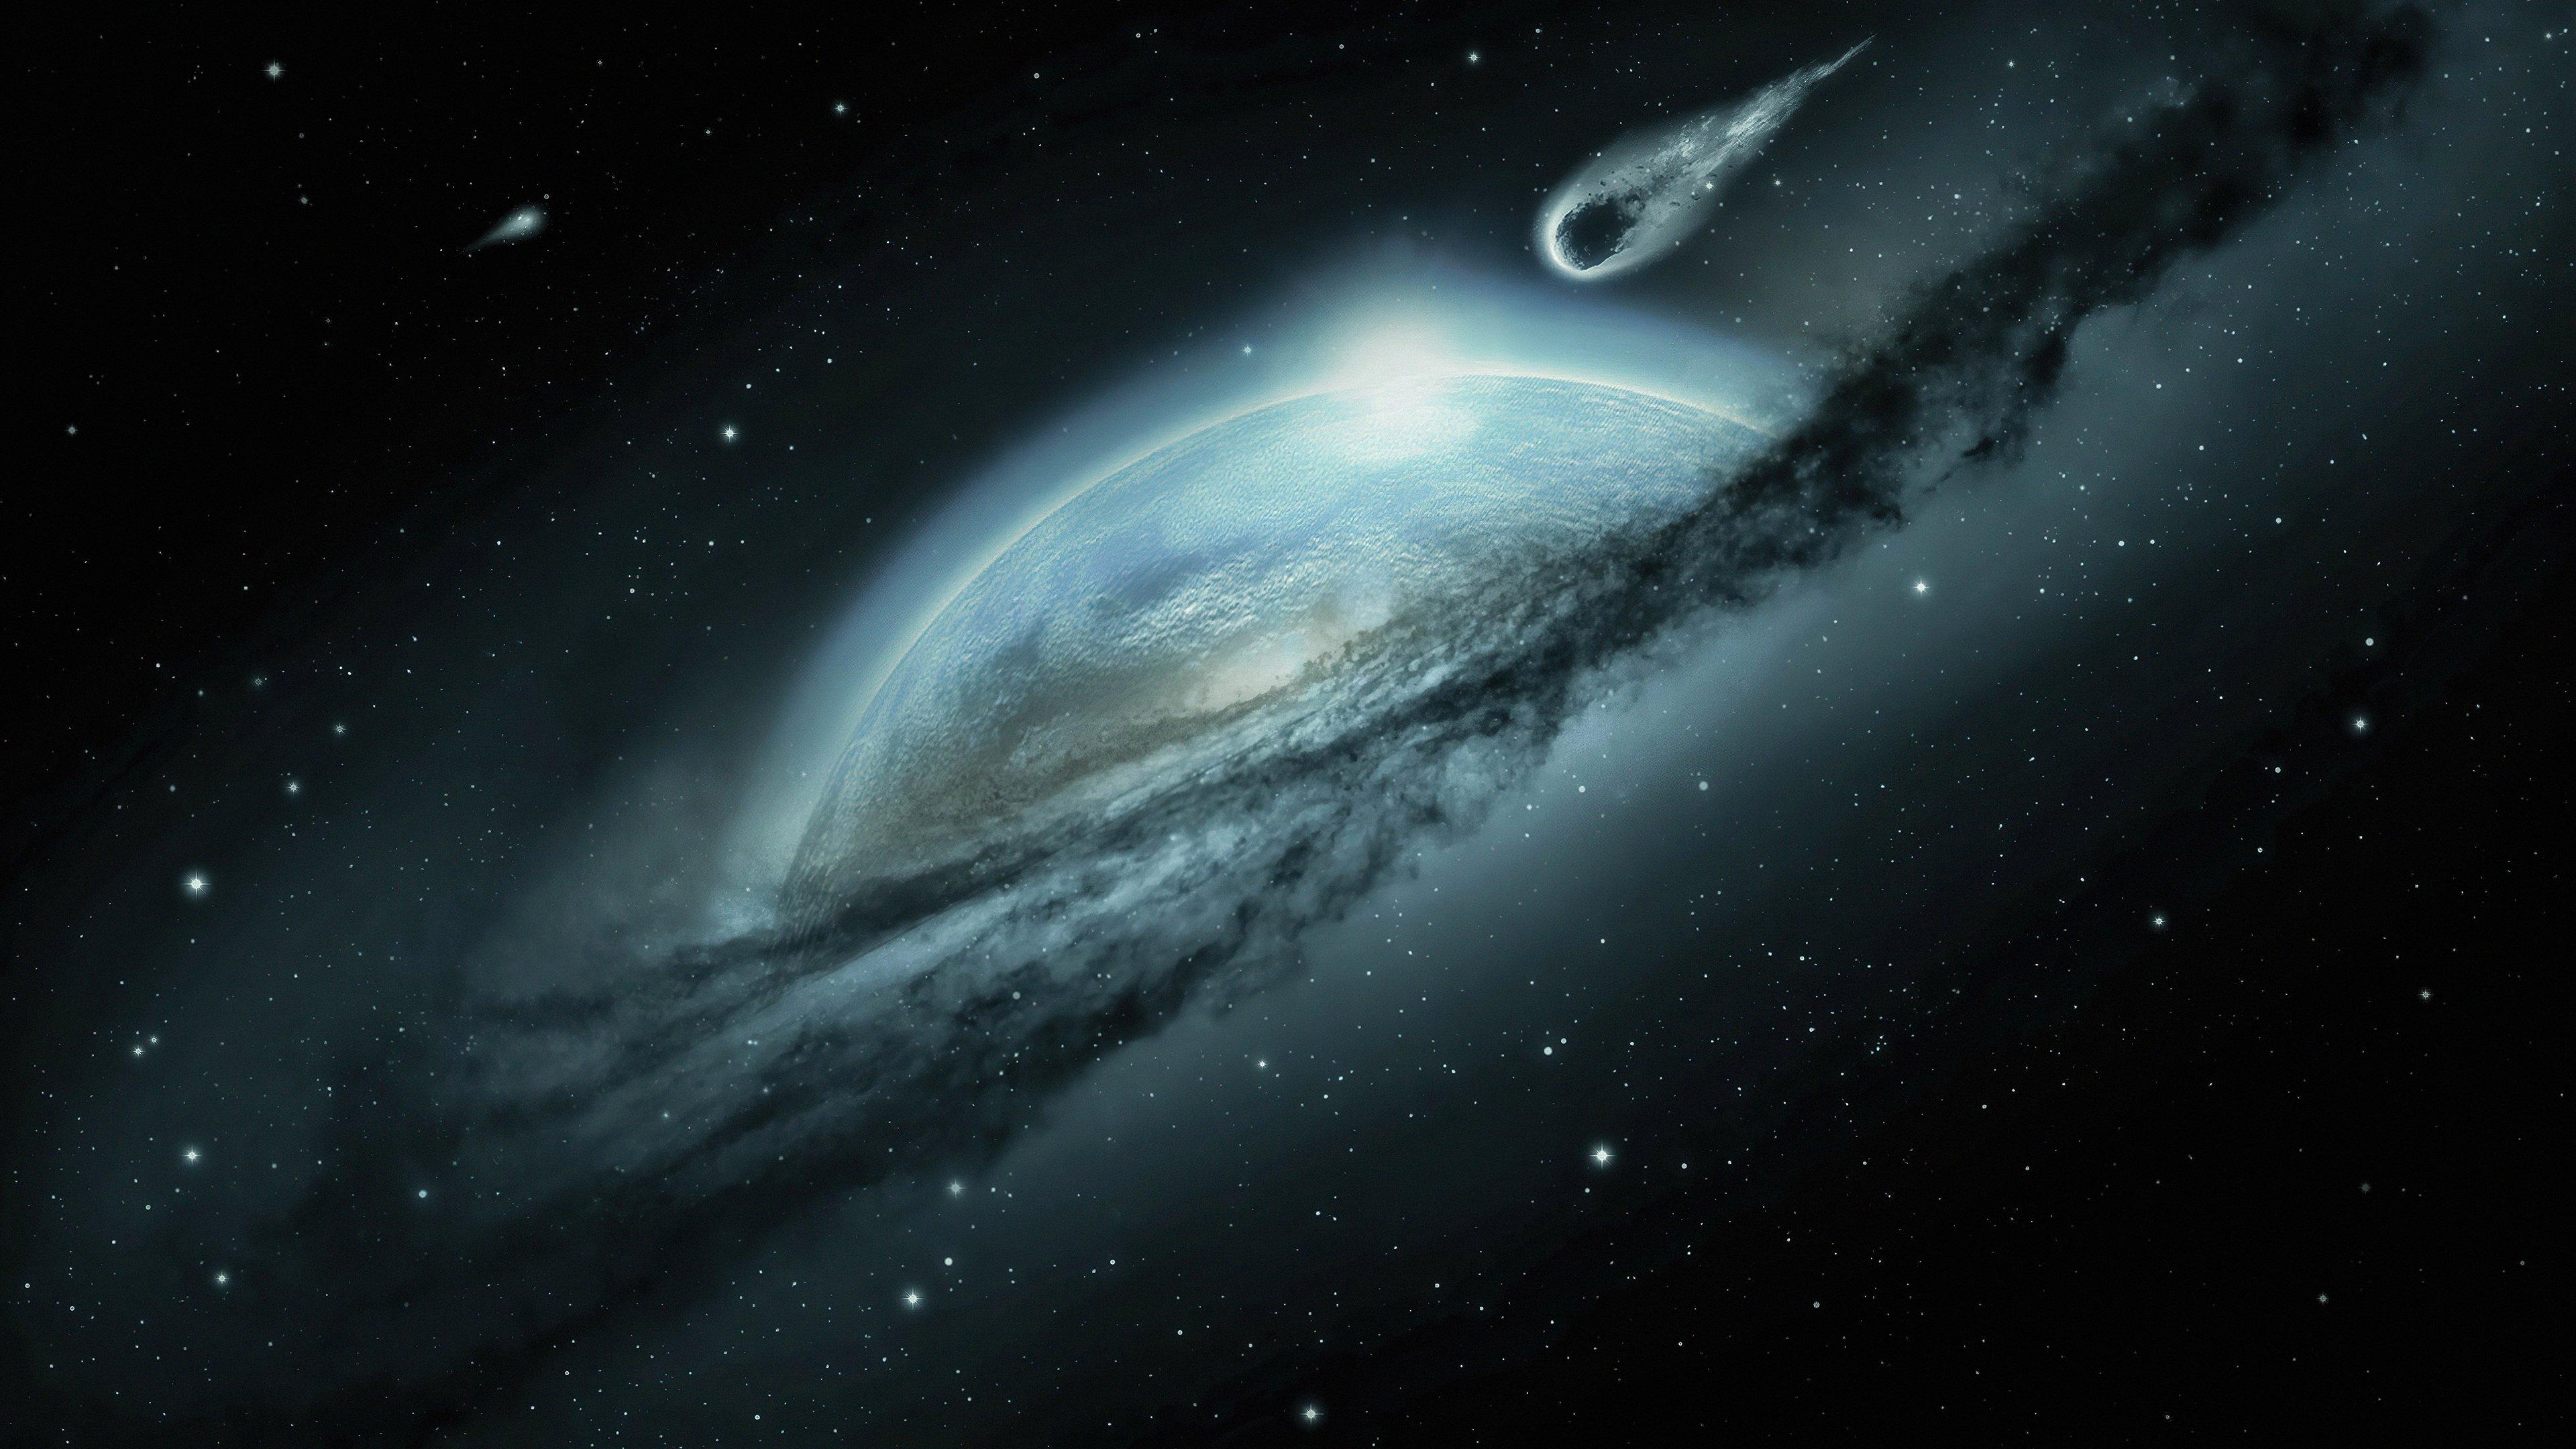 Fondos de pantalla Meteorito acercandose a la tierra